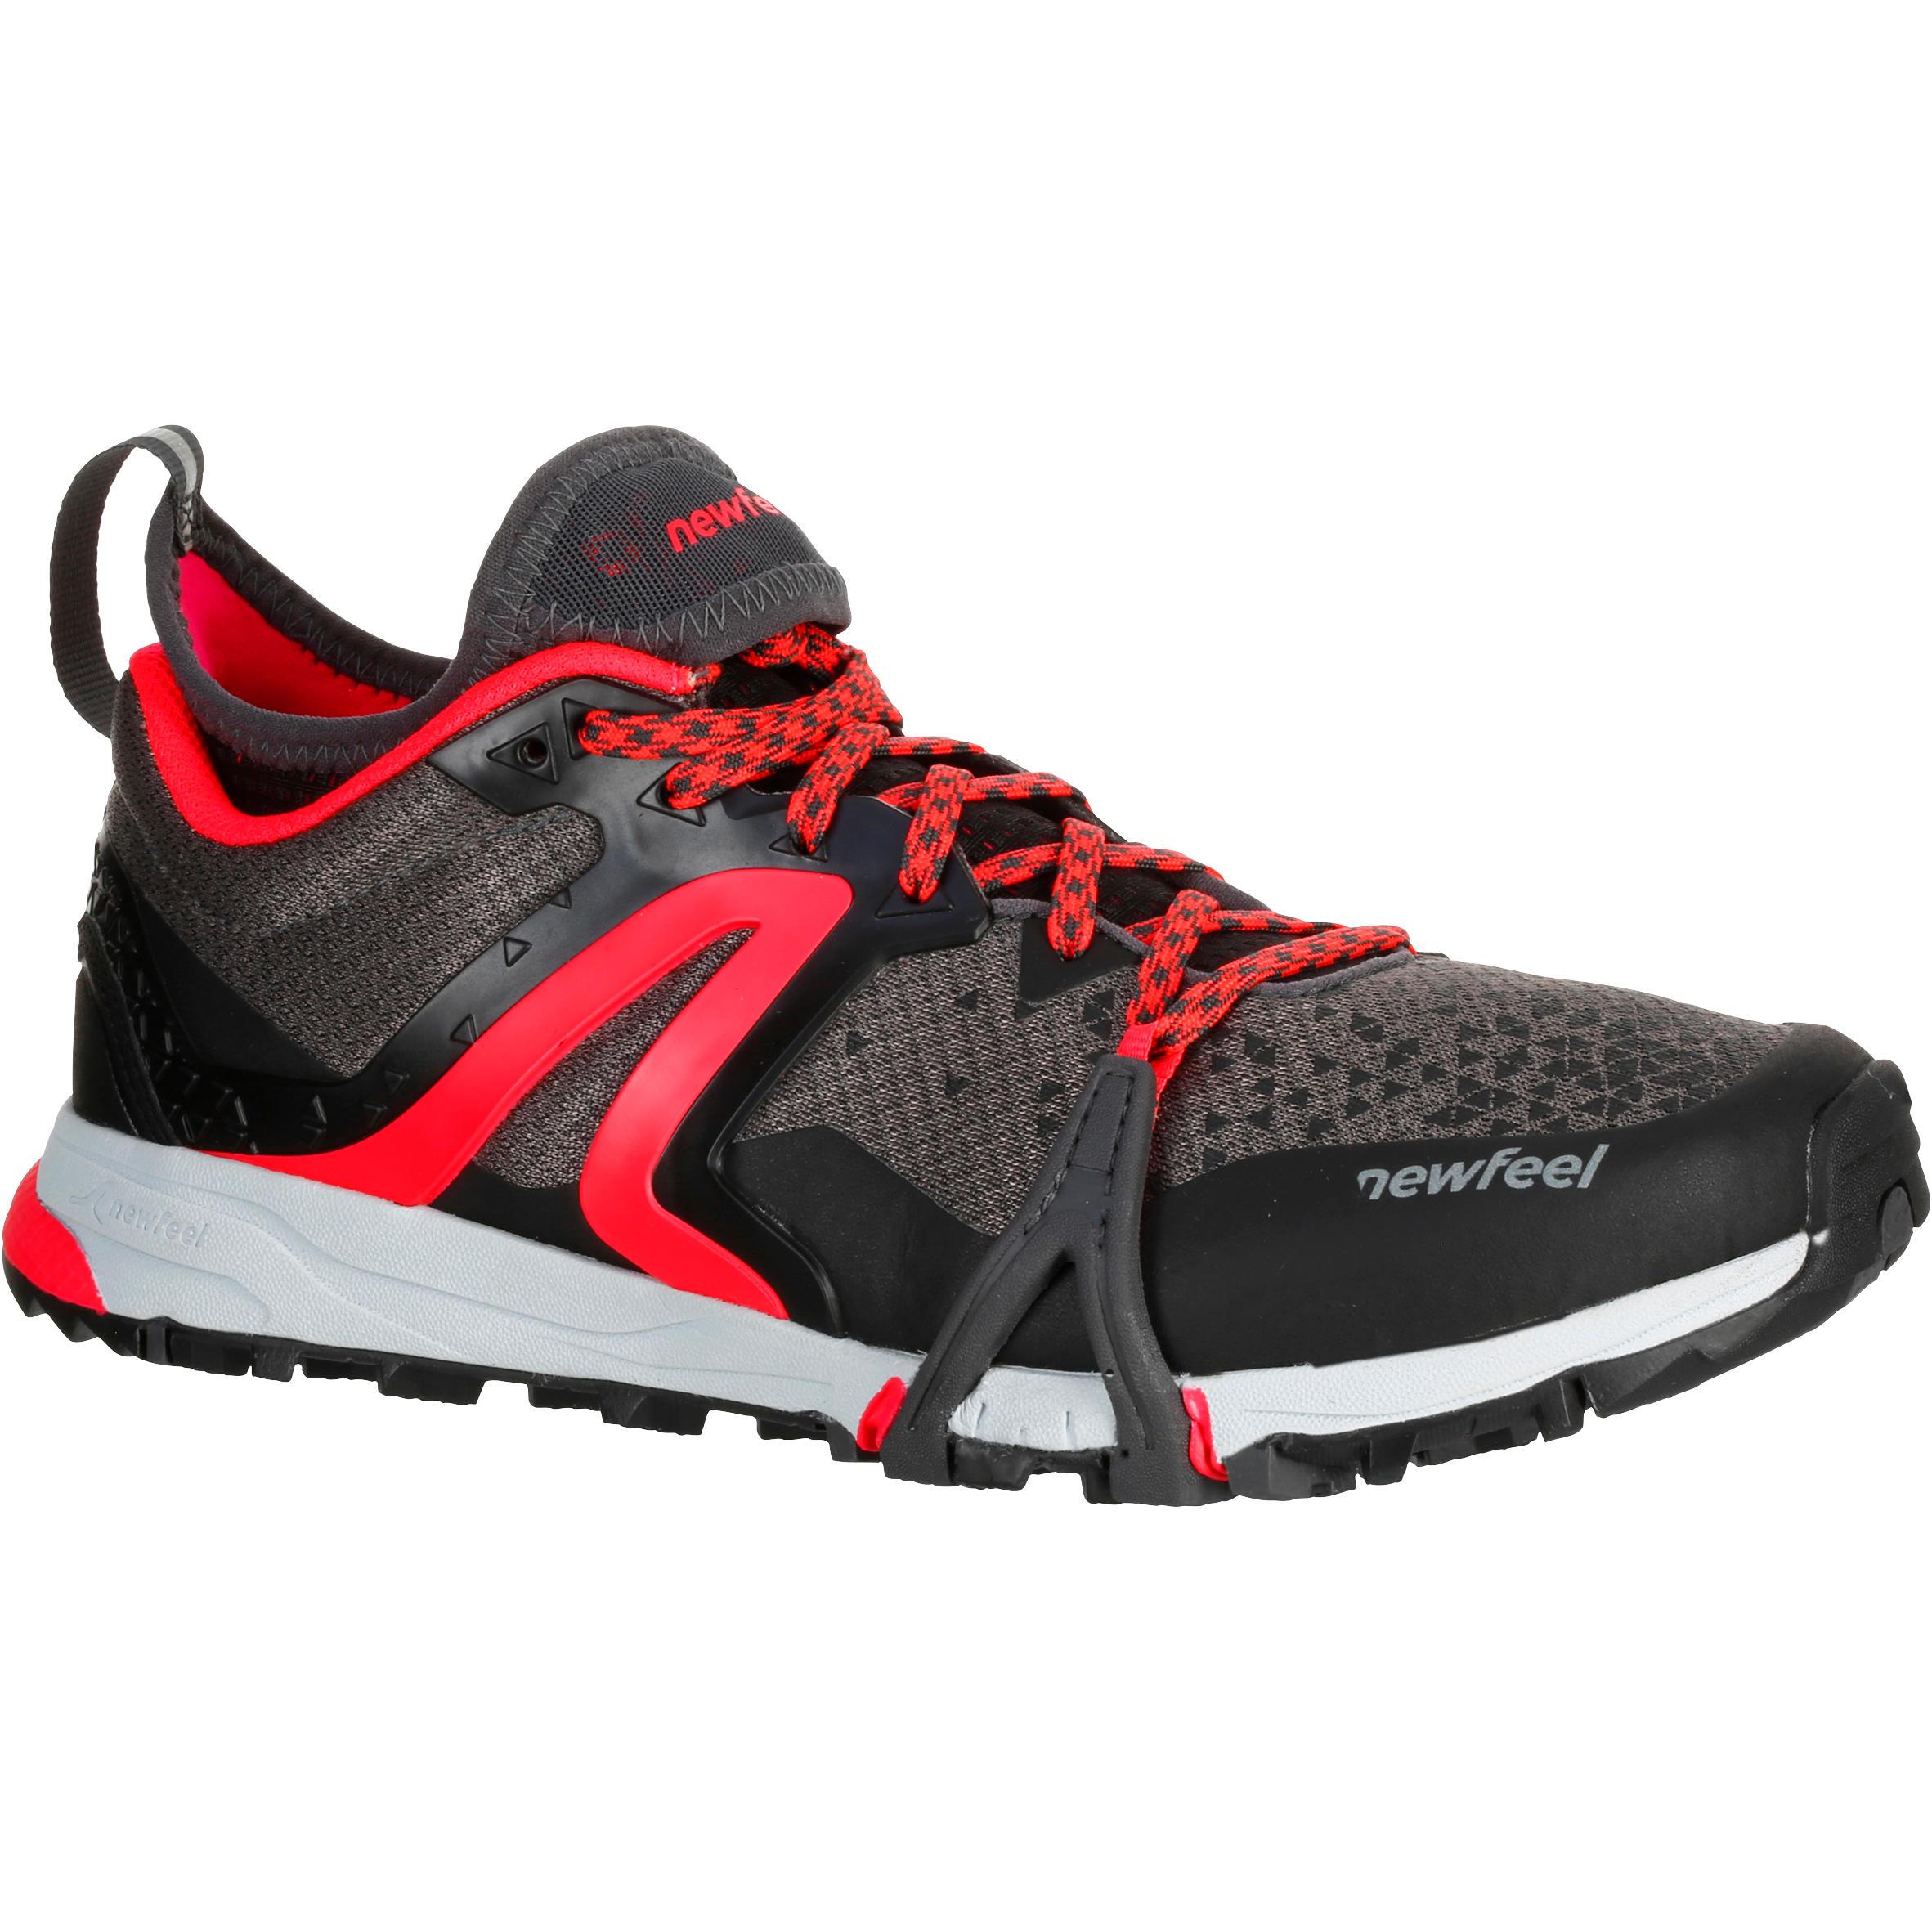 Newfeel Damessneakers Nordic Walking 900 voor nordic walking zwart/roze